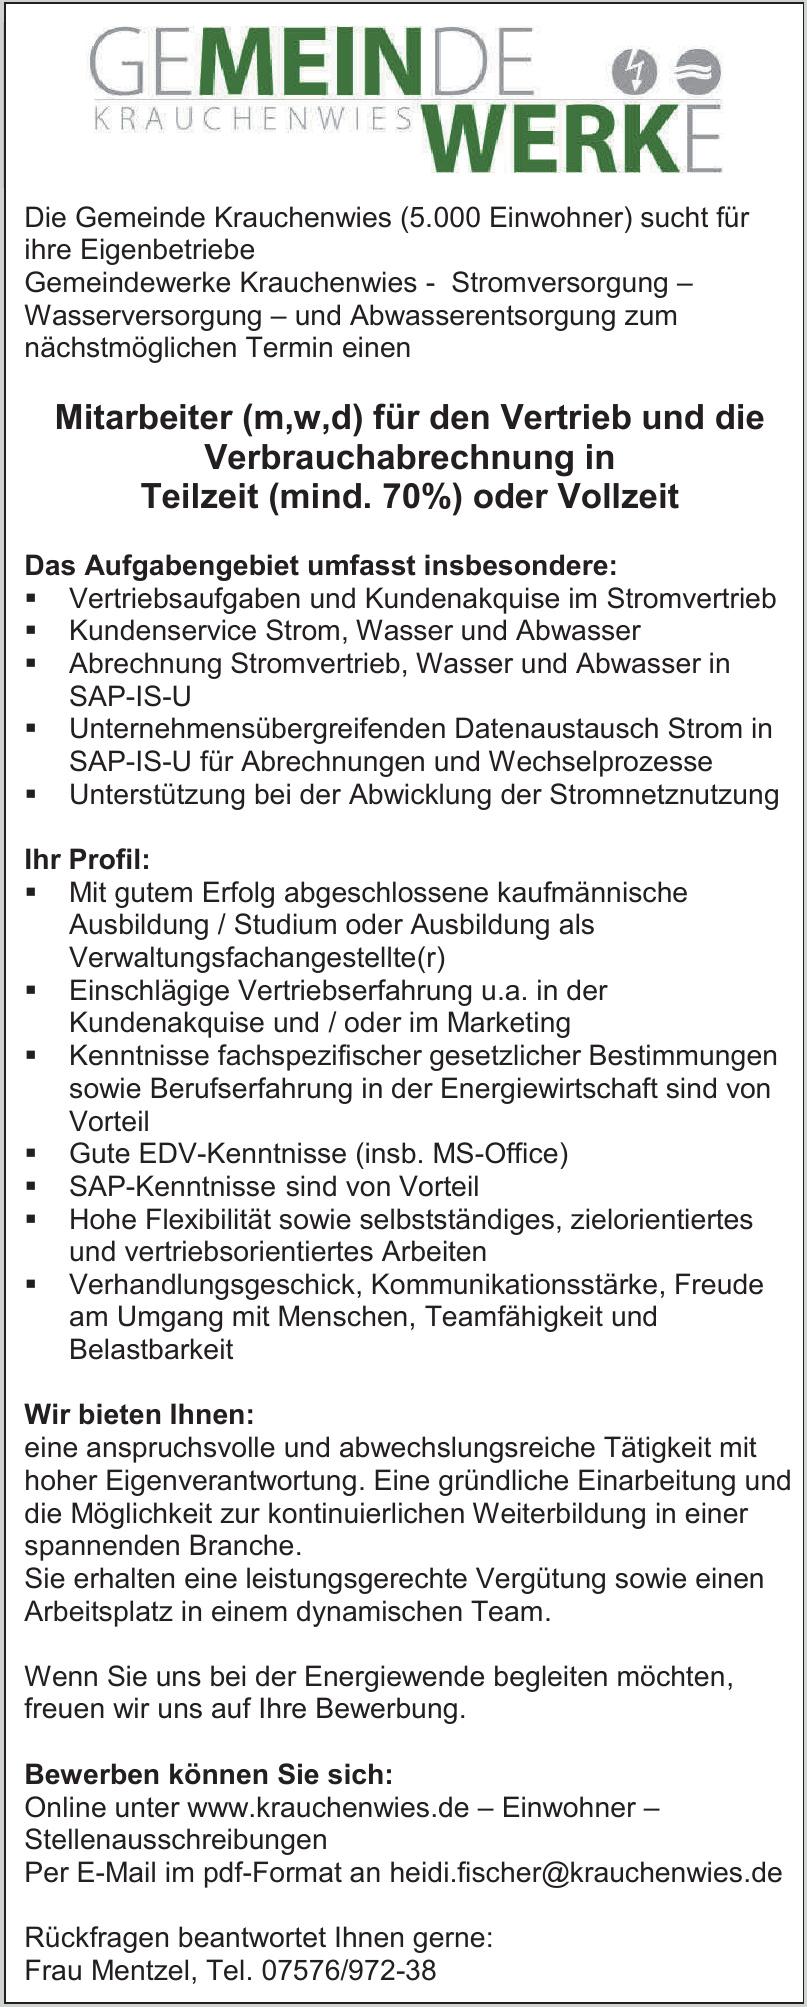 Gemeinde Krauchenwies